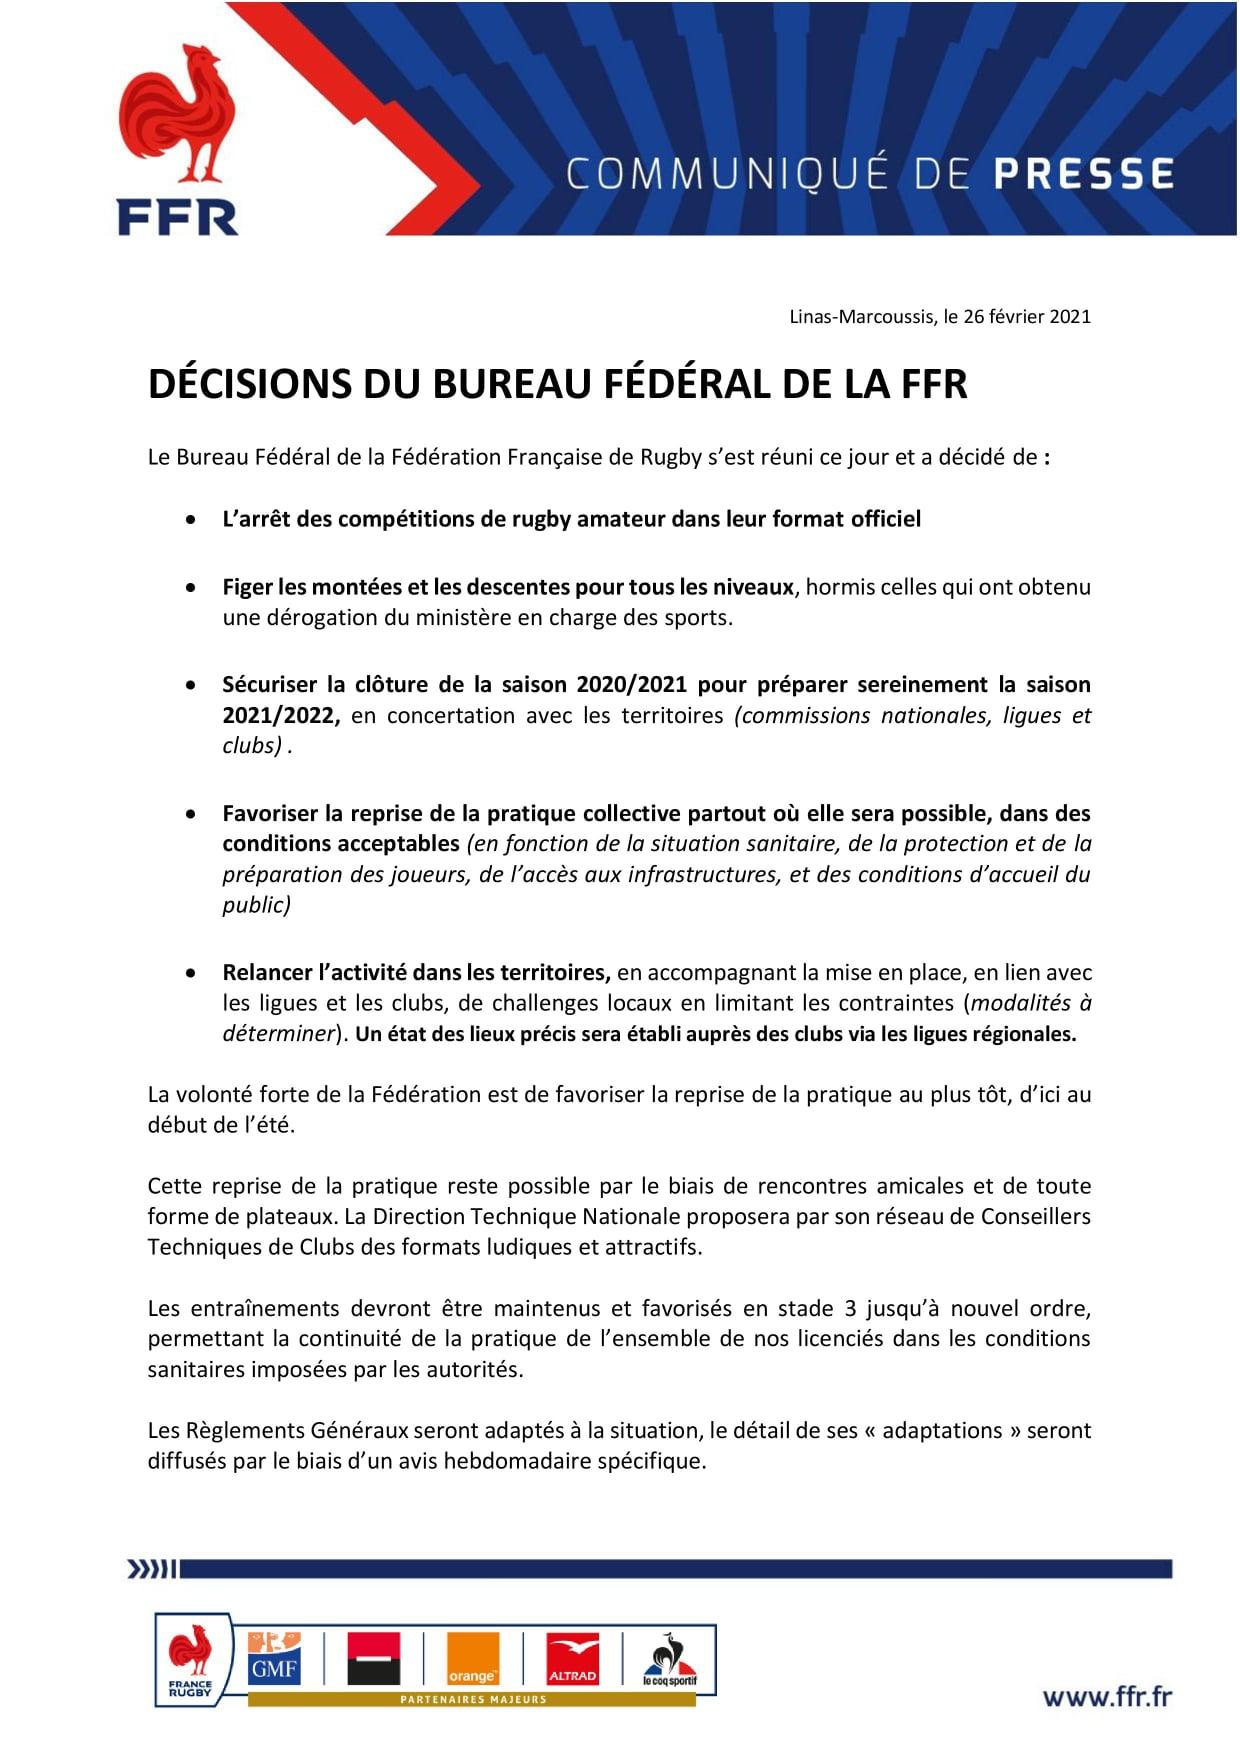 Amateurs: La FFR a décidé l'arrêt des compétitions 2020-2021